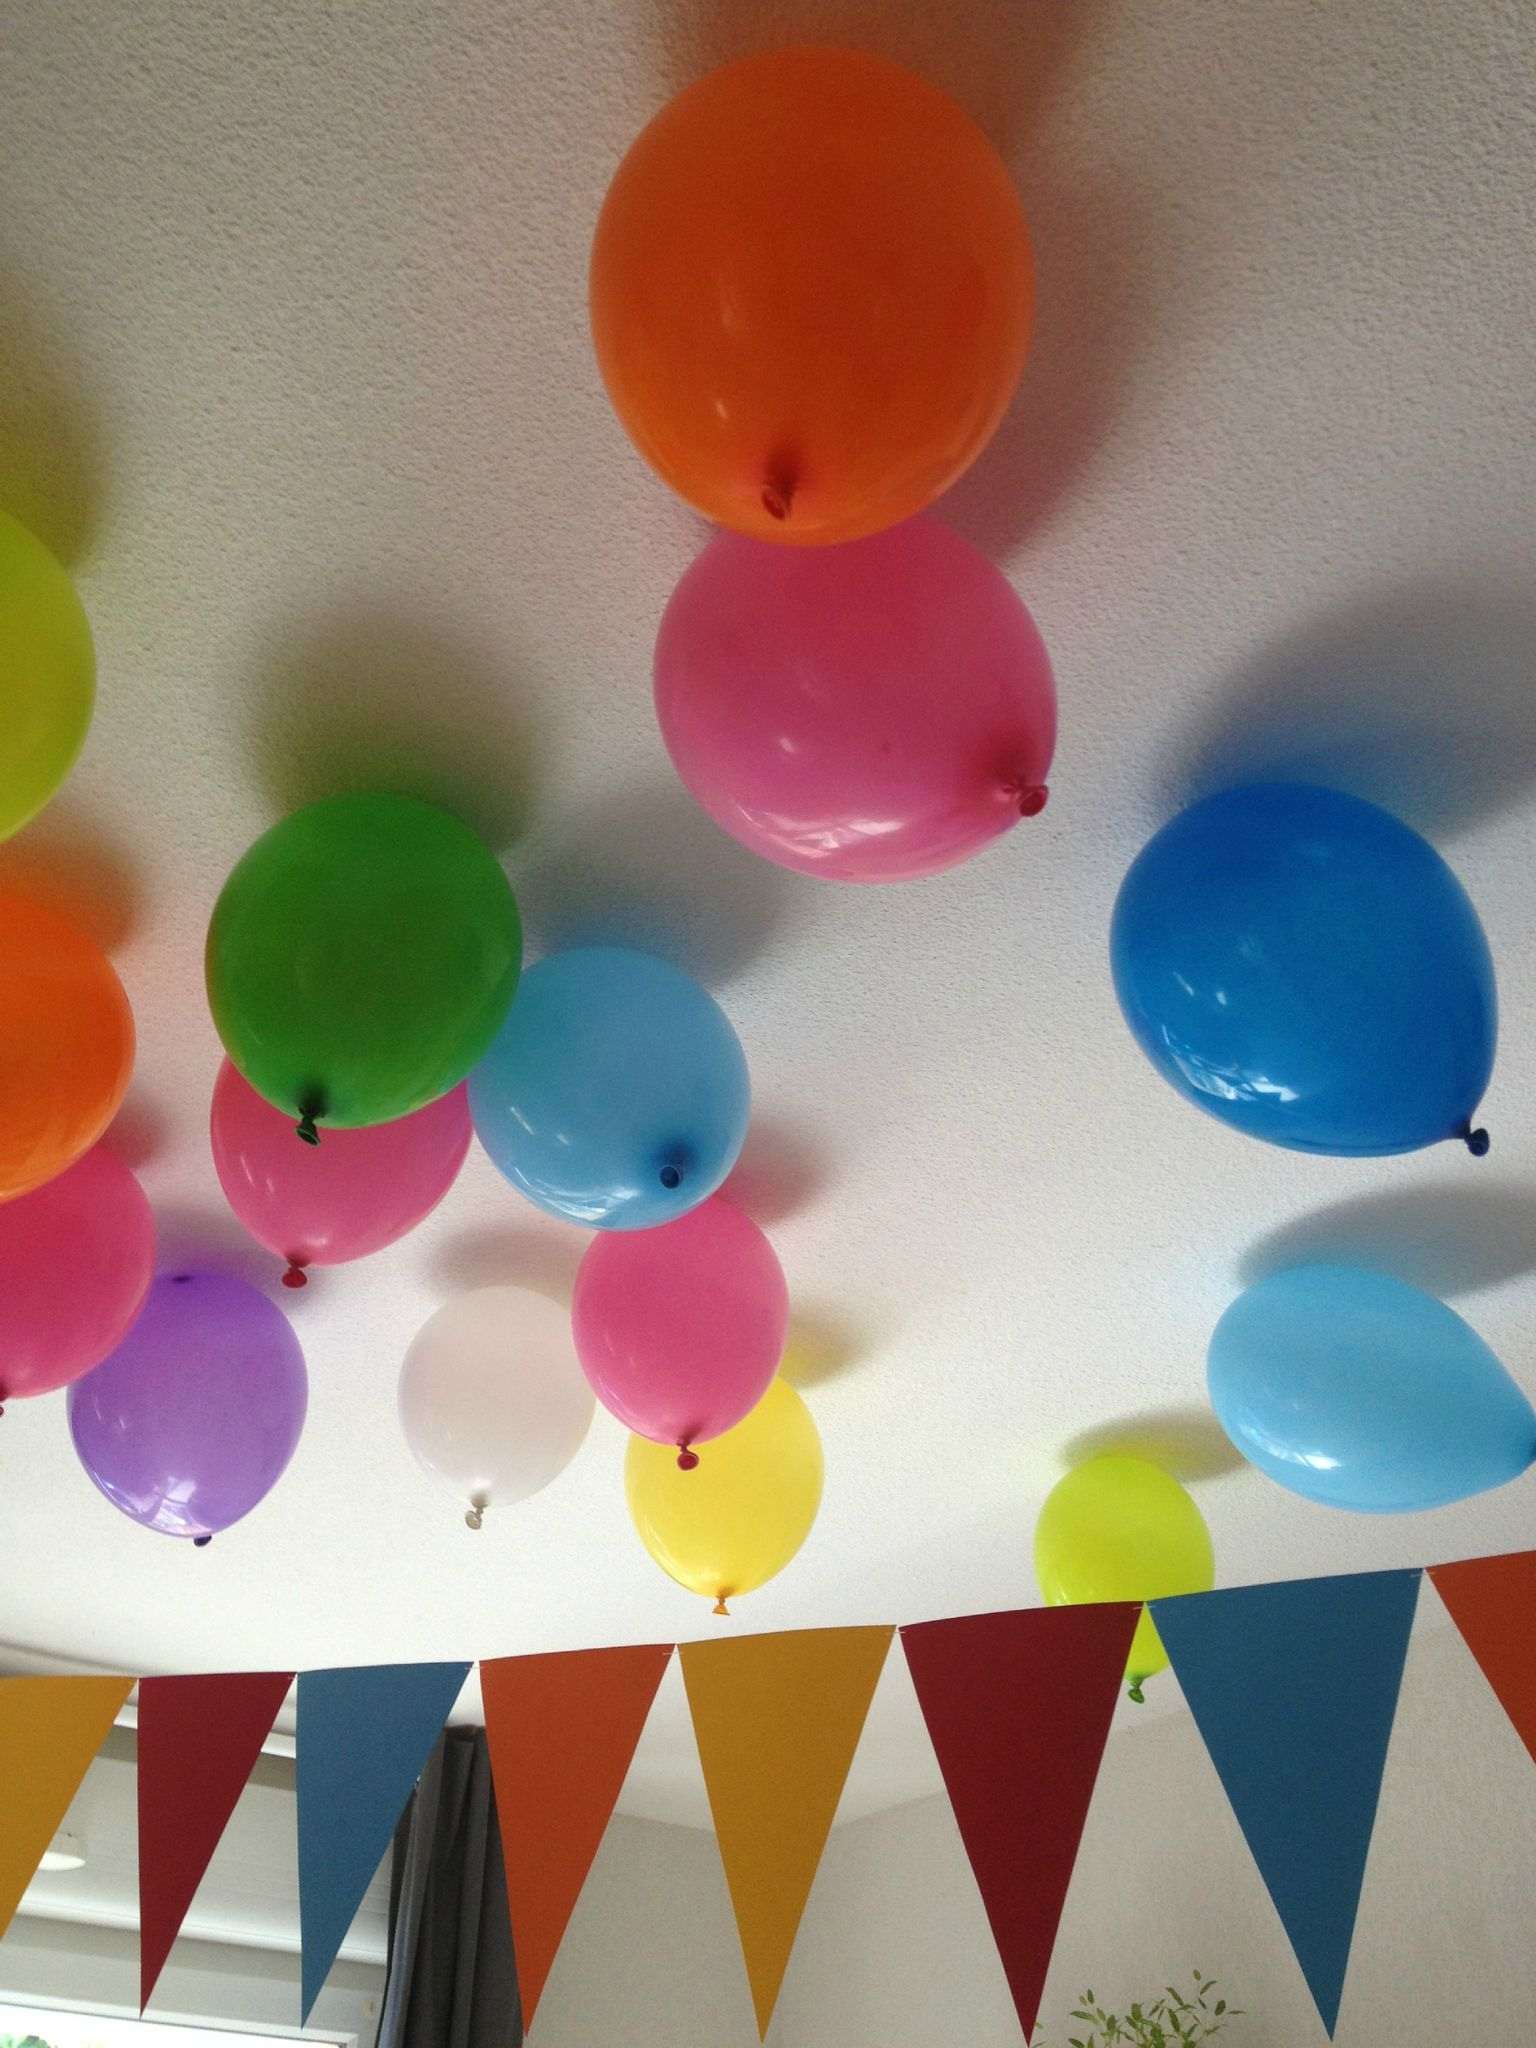 comment faire tenir un ballon de baudruche au plafond  sans h u00e9lium   vous allez adorer notre